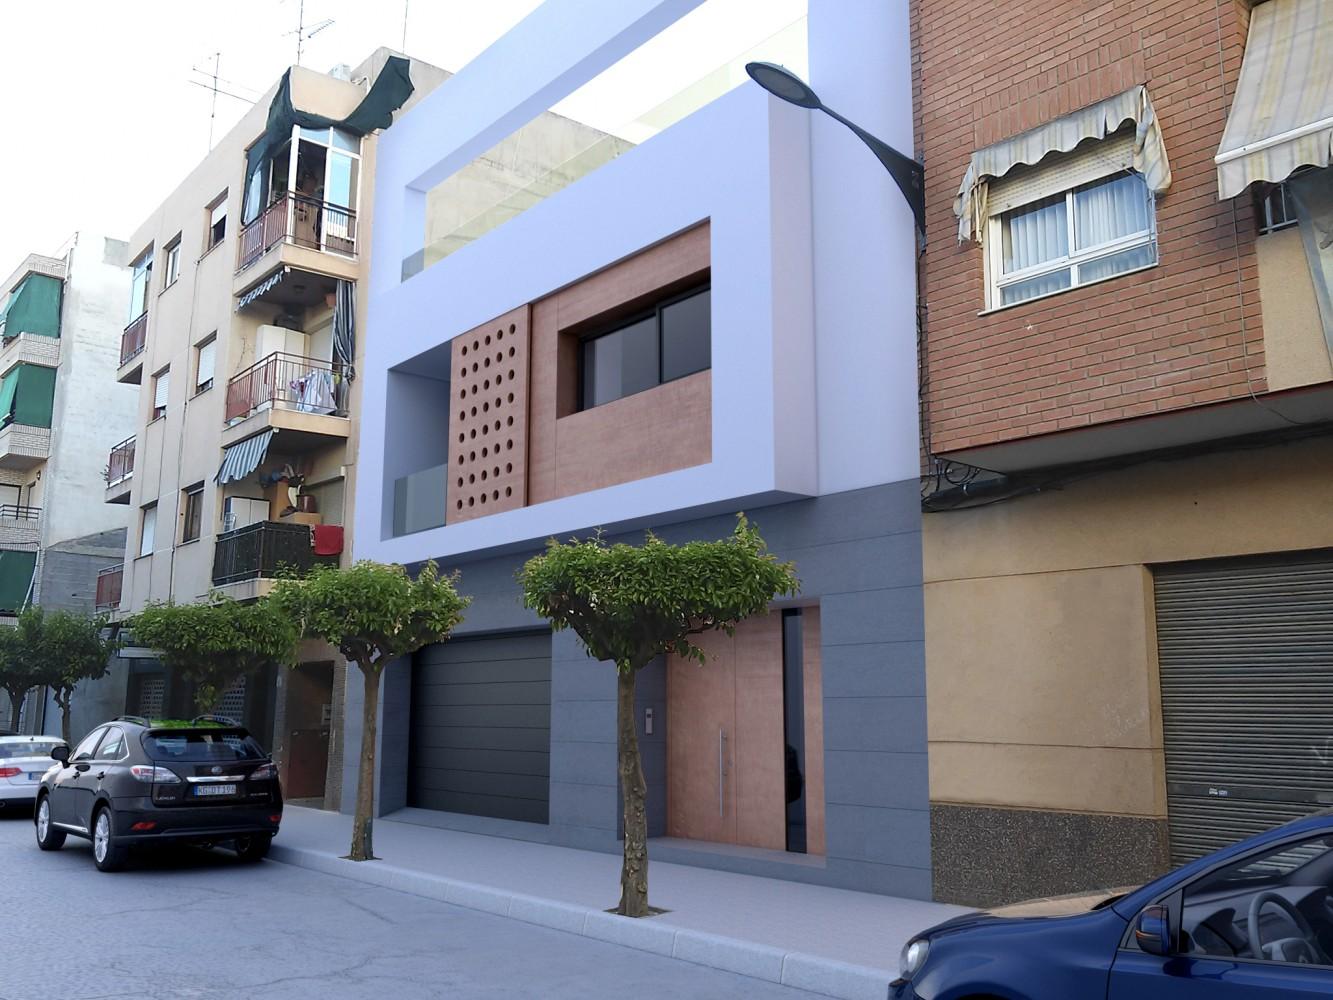 Vivienda Medianera Al2 Residencial Nu O Arquitectos